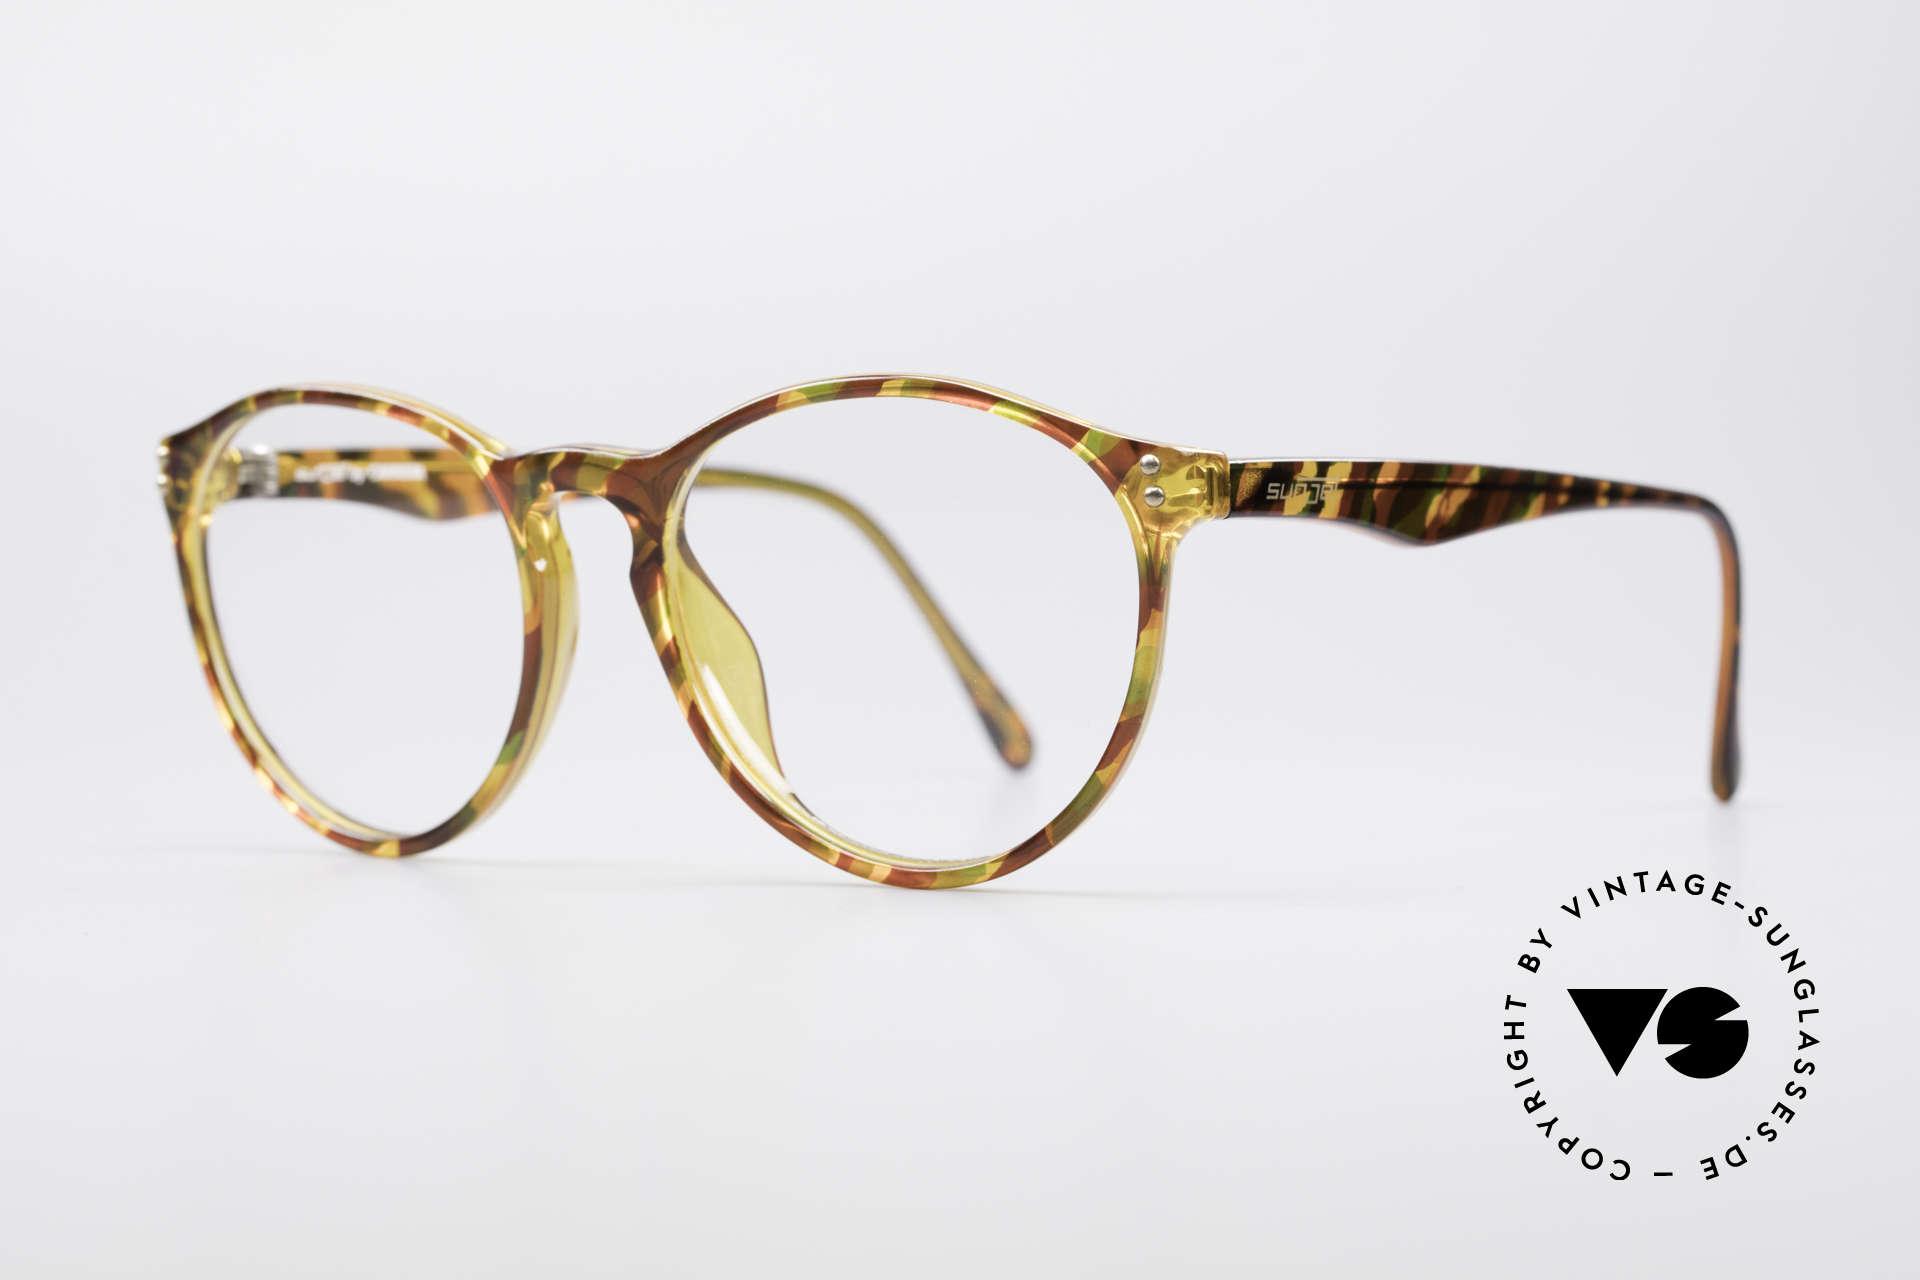 Carrera 5282 90er Panto Brillenfassung, im Stile der alten 'Tart Optical Arnel' aus den 1960ern, Passend für Herren und Damen